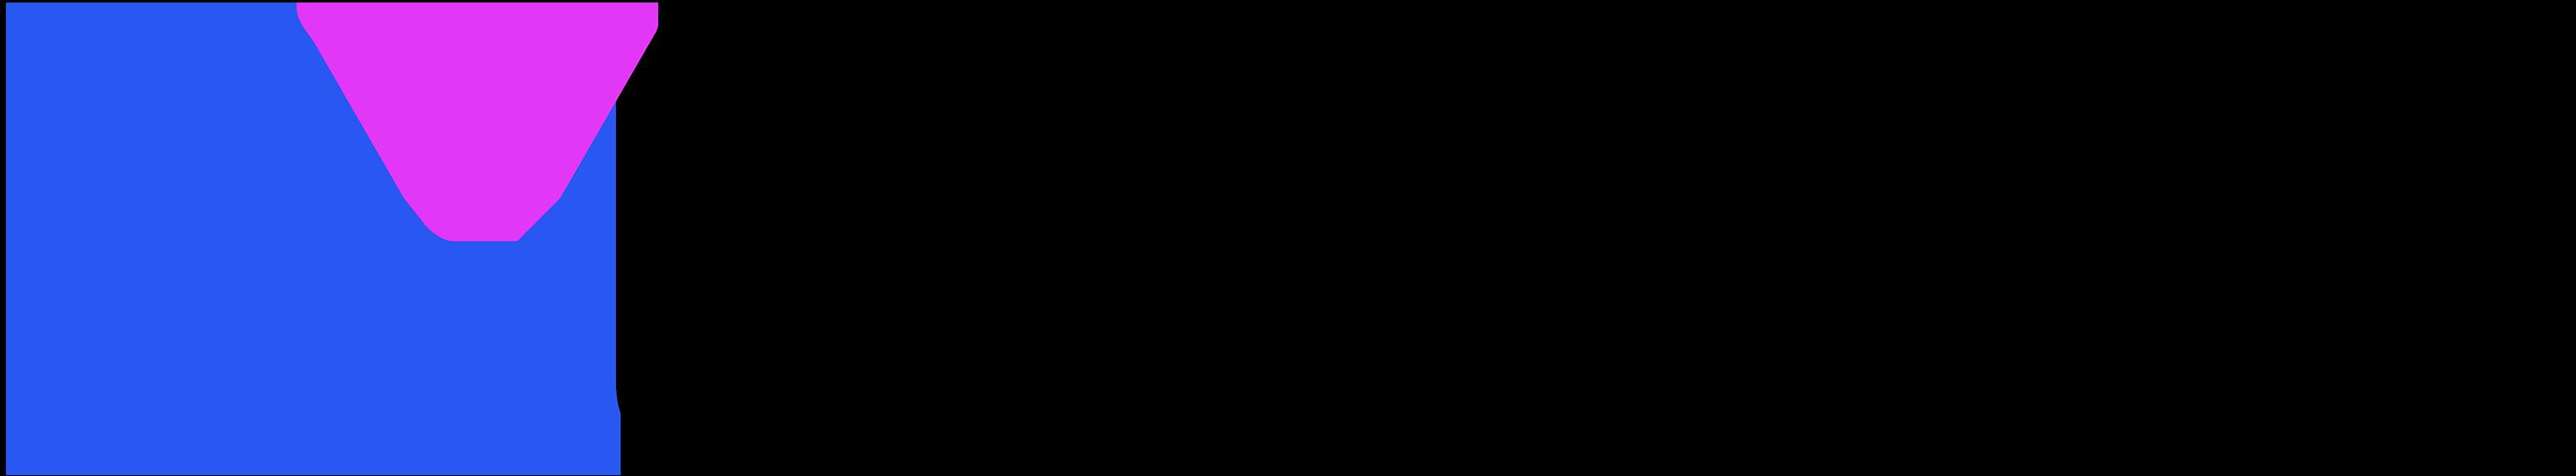 aimoki-logo